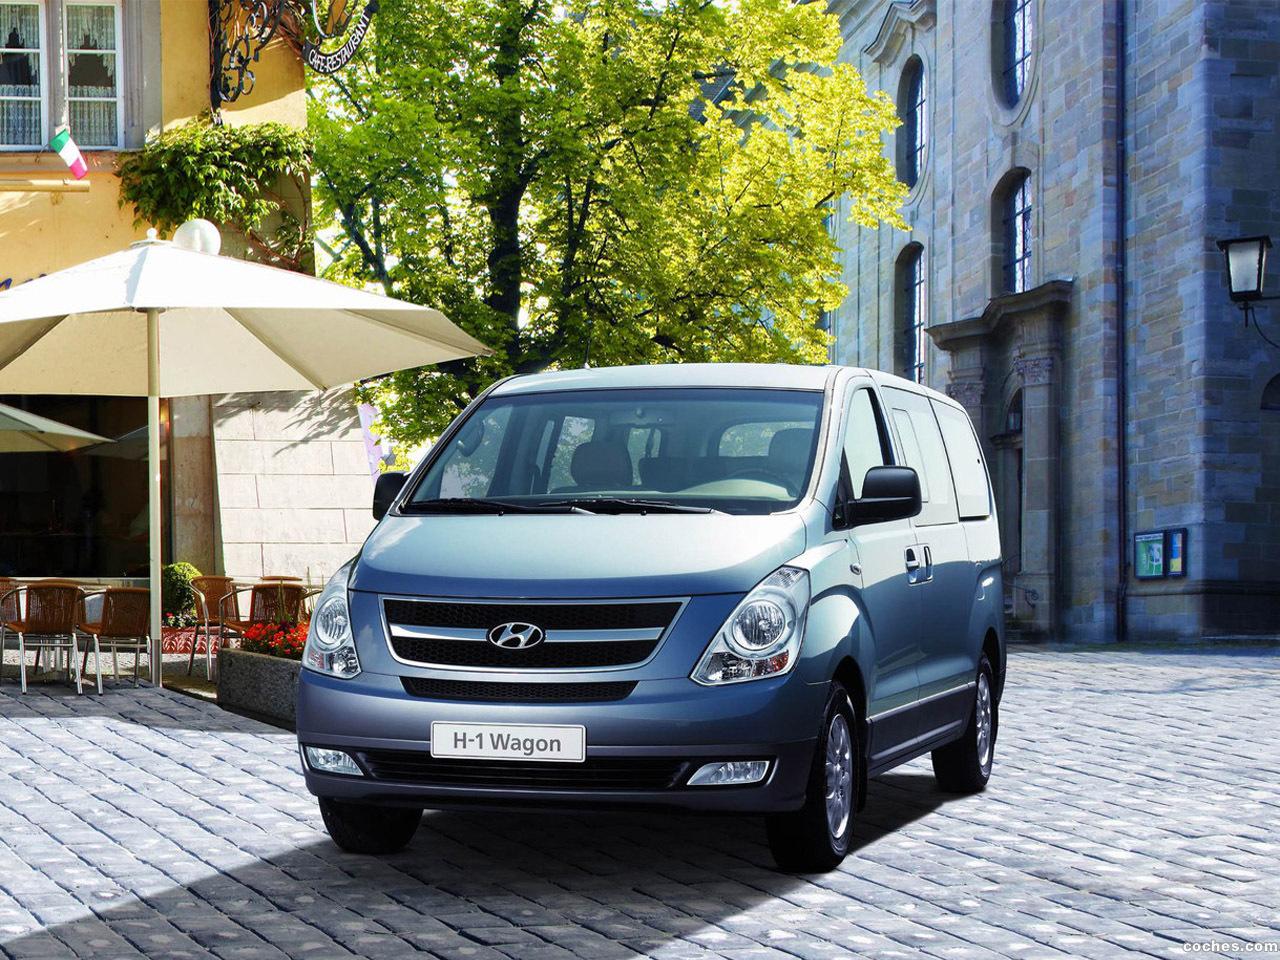 Foto 0 de Hyundai H-1 wagon 2007